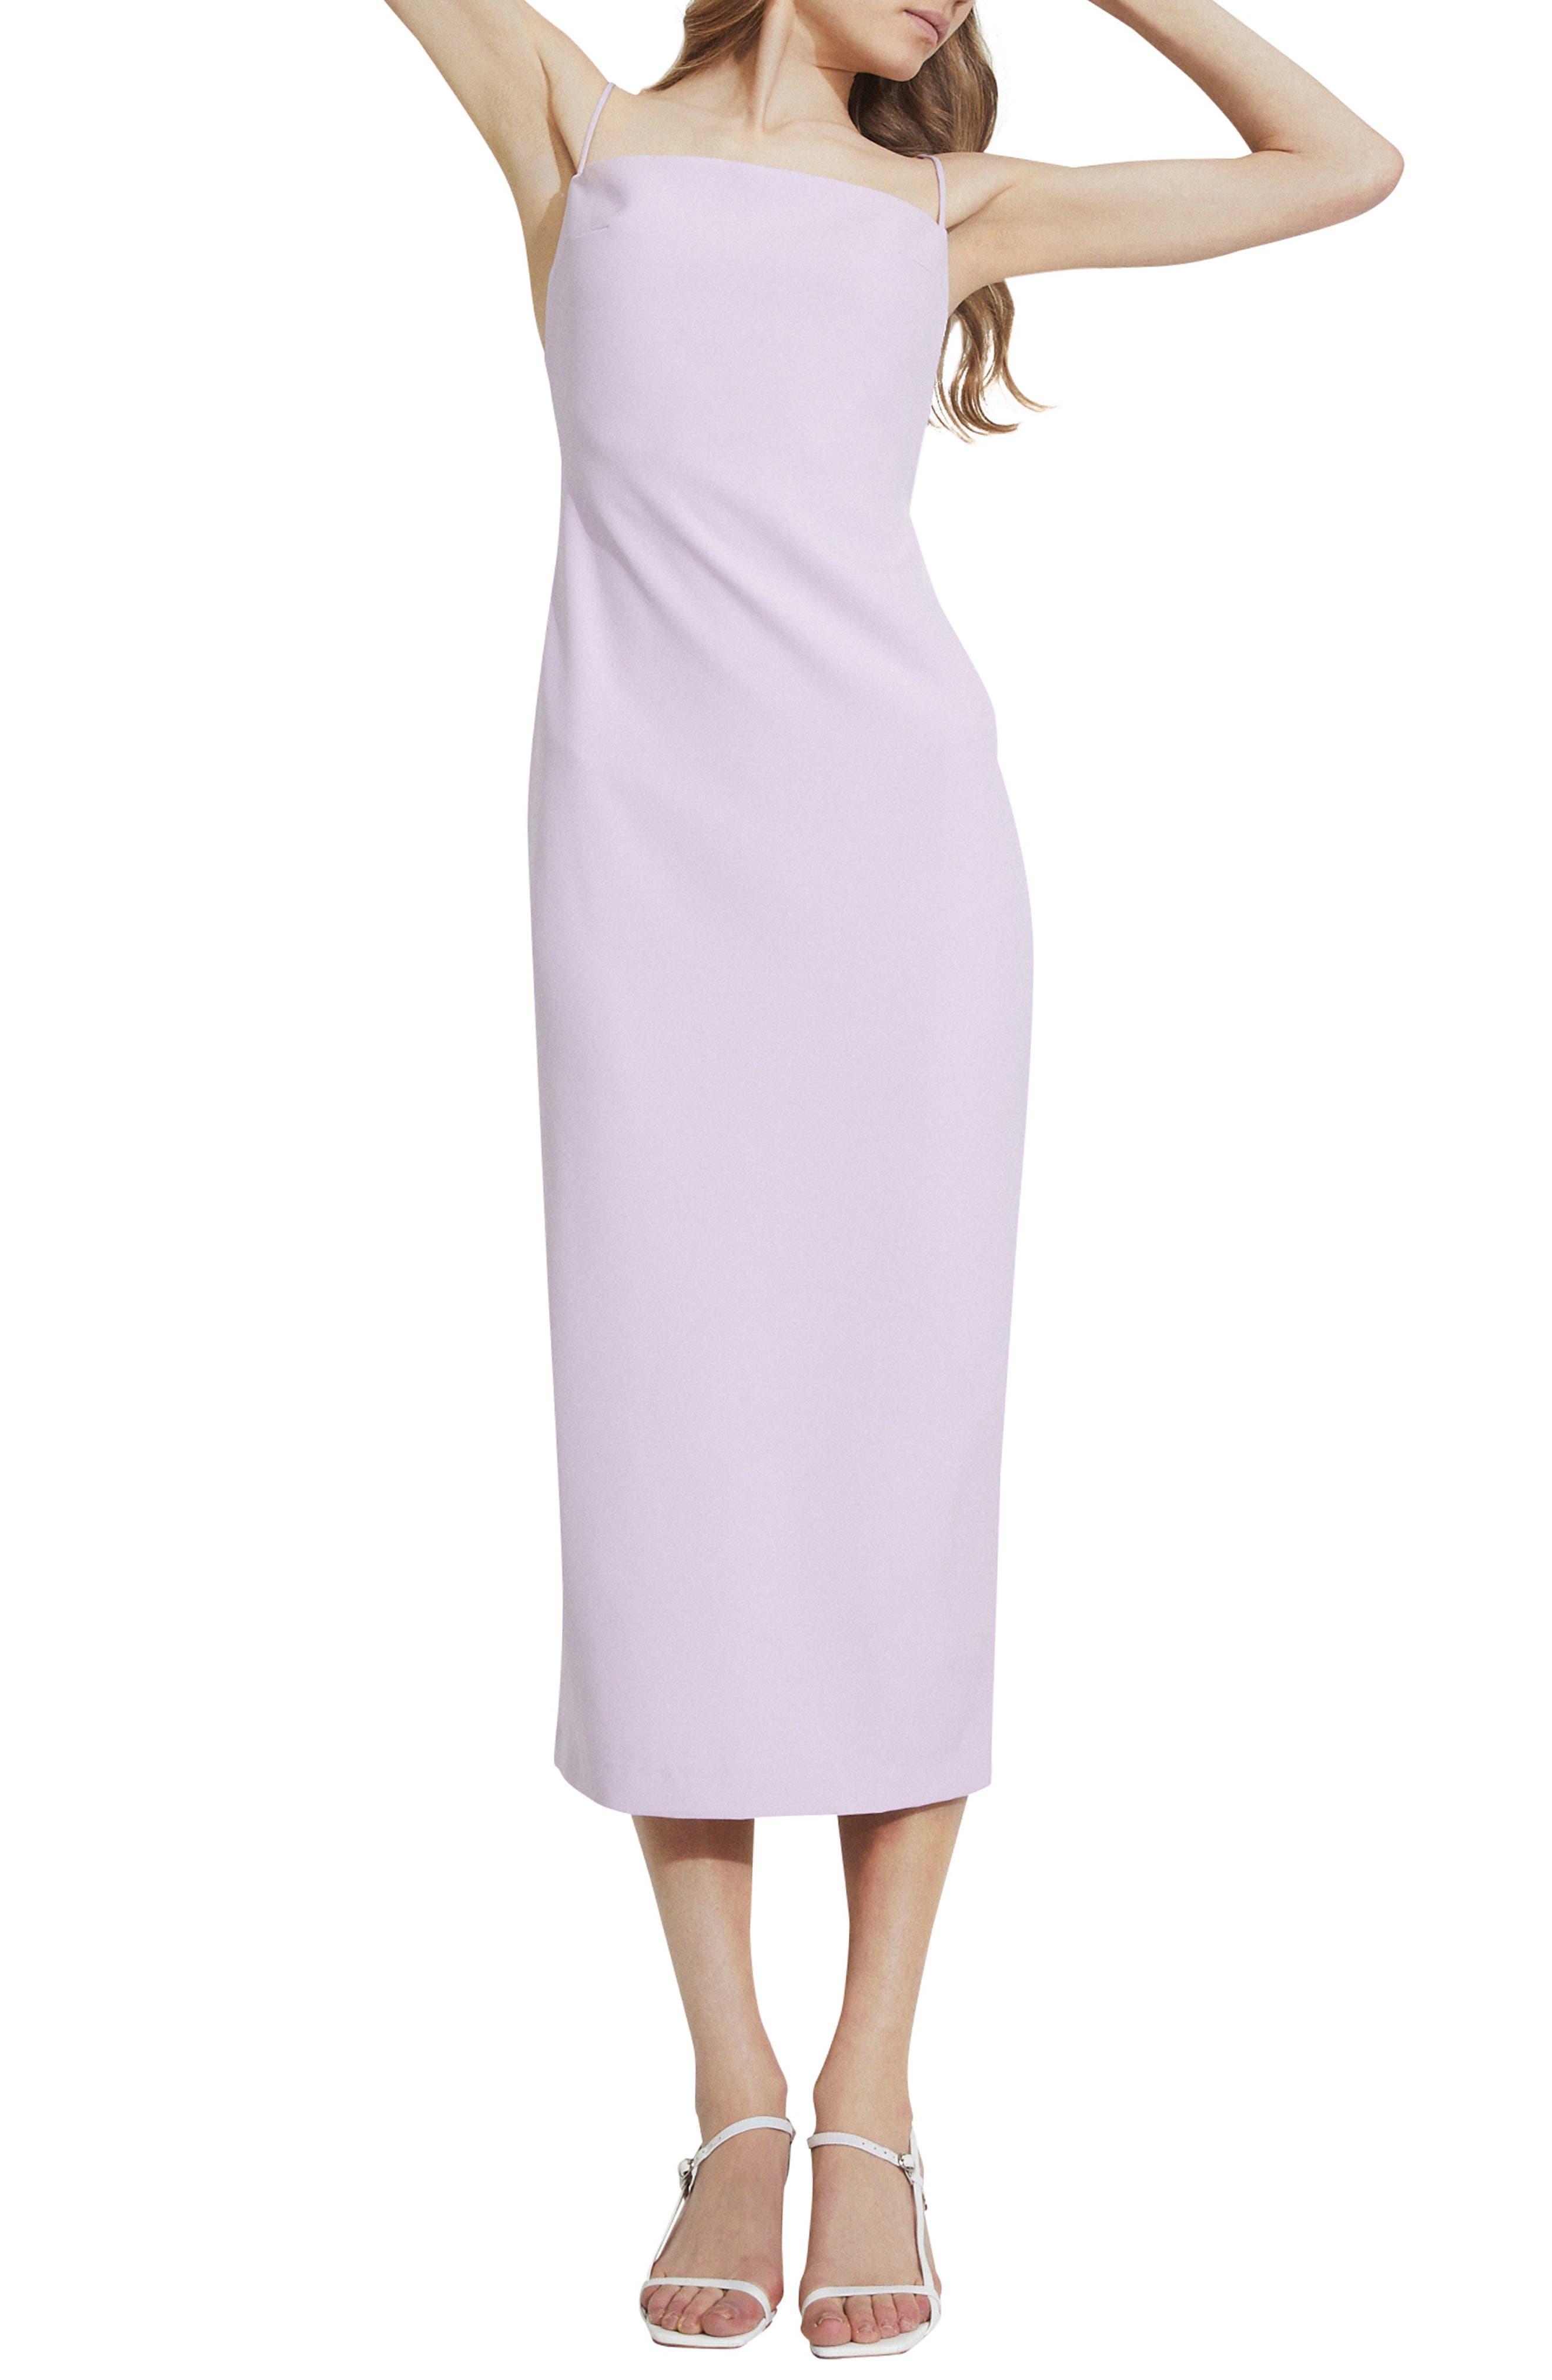 Jillian Square Neck Dress